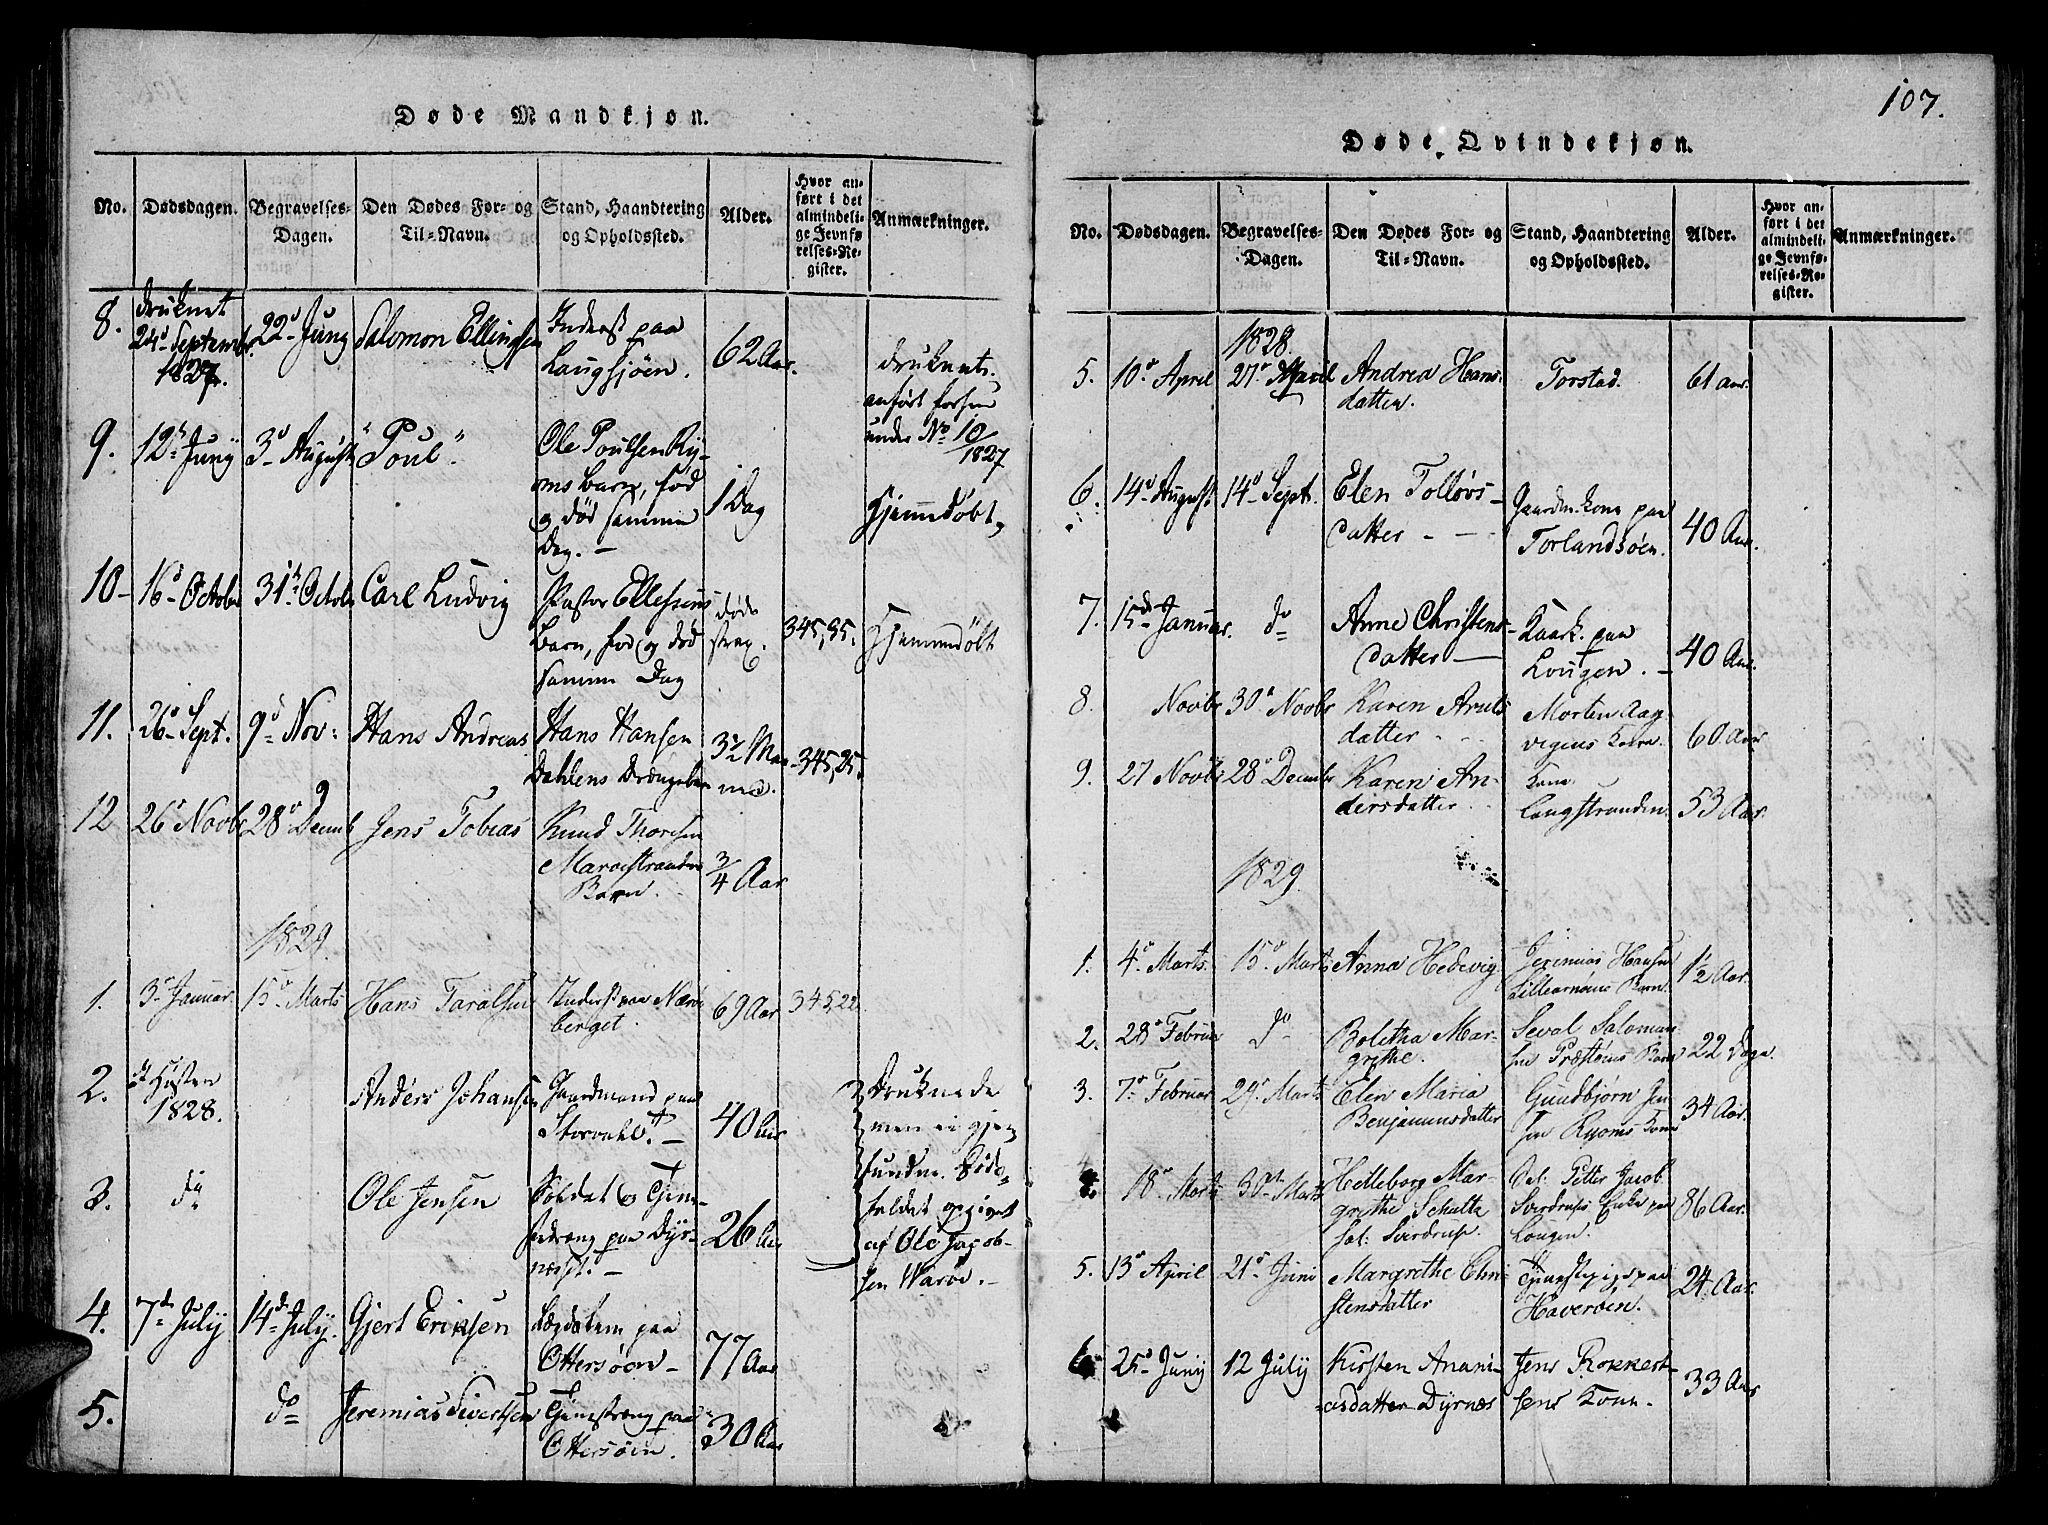 SAT, Ministerialprotokoller, klokkerbøker og fødselsregistre - Nord-Trøndelag, 784/L0667: Ministerialbok nr. 784A03 /1, 1816-1829, s. 107